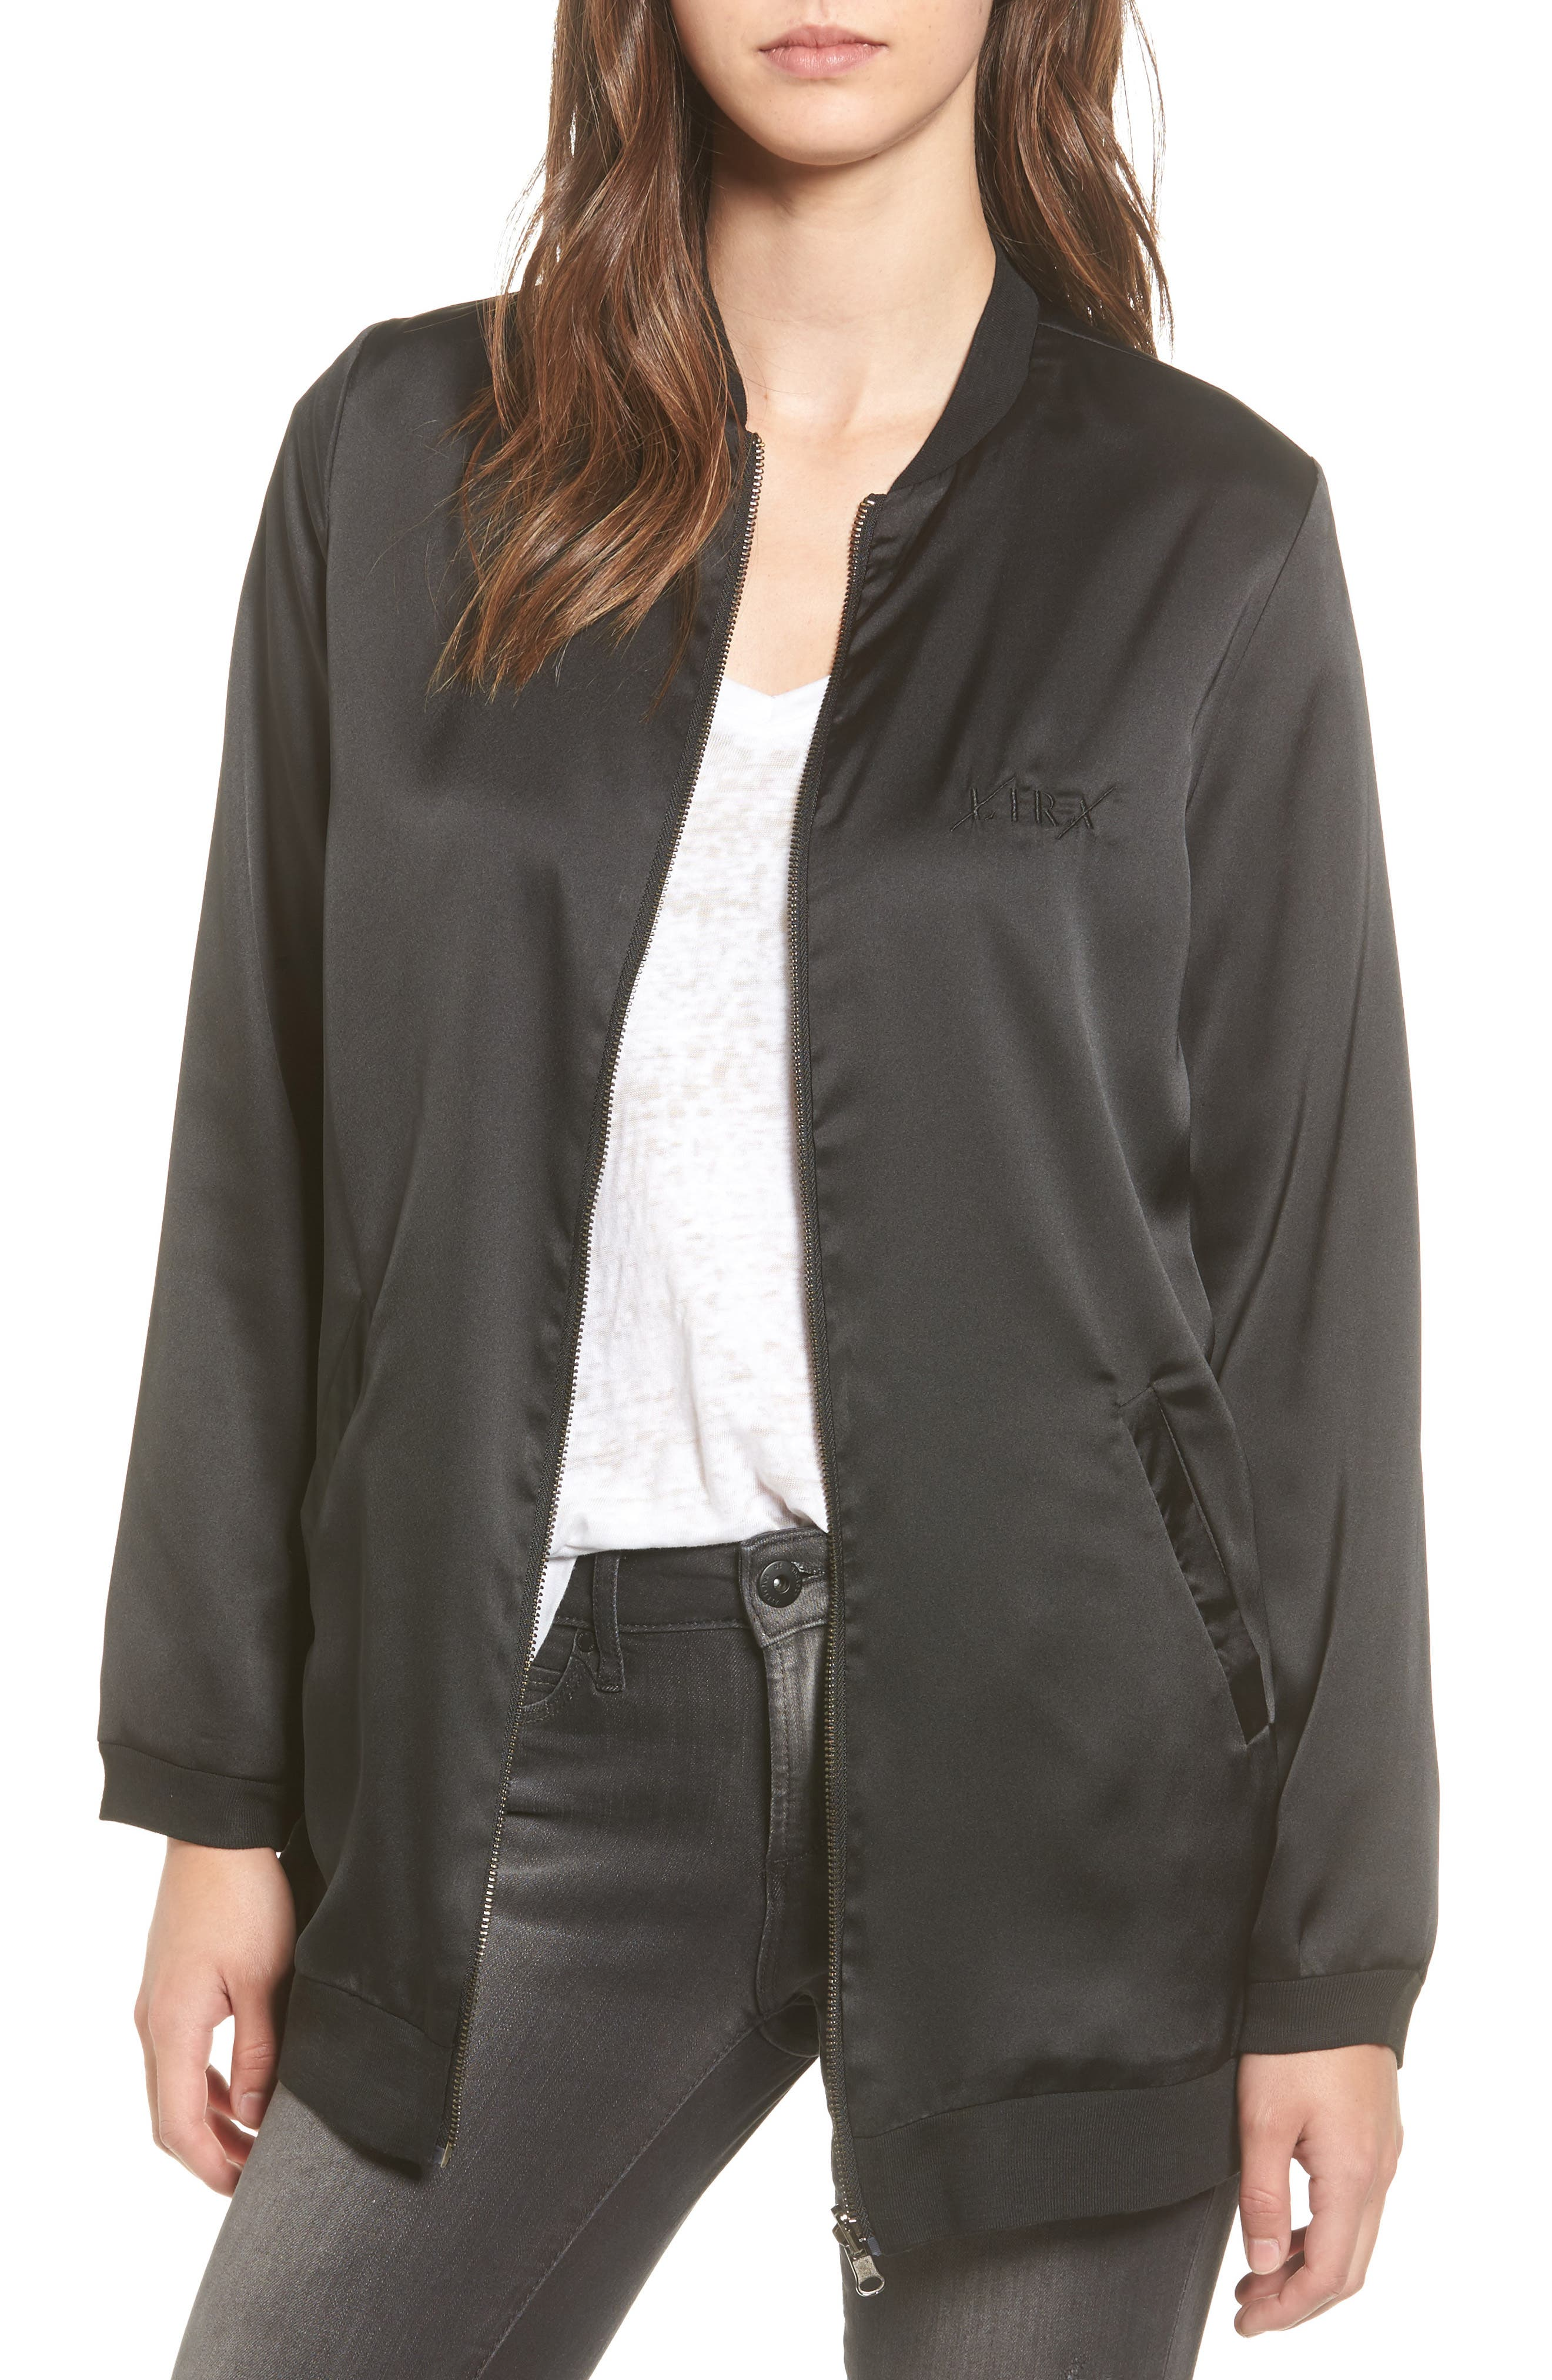 Lira Clothing Speakeasy Reversible Bomber